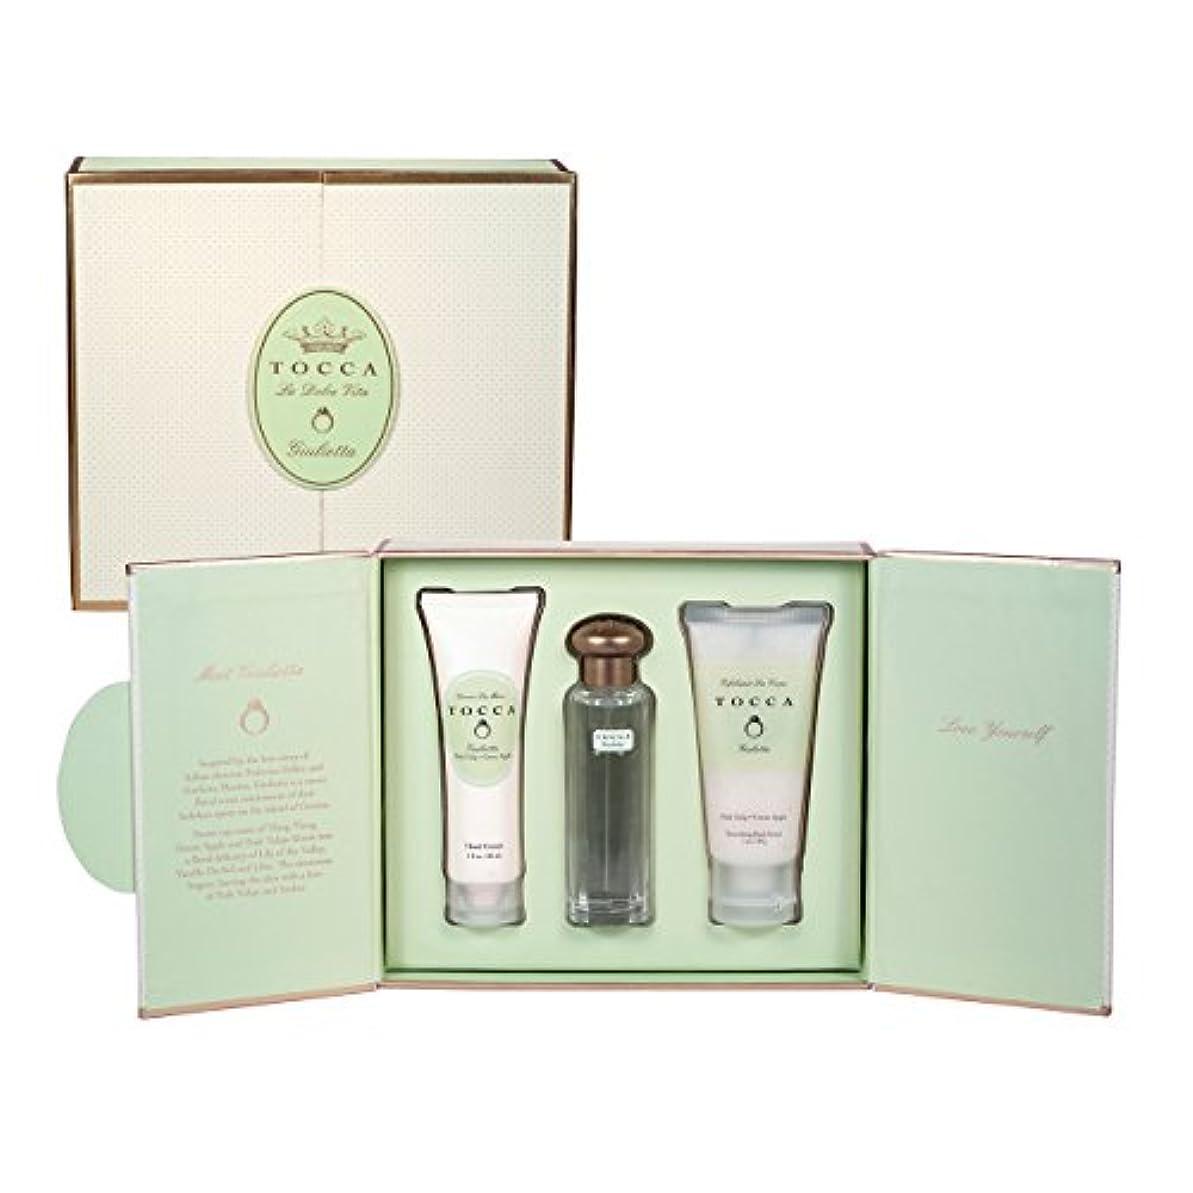 抽象化廃止する感じトッカ(TOCCA) ドルチェヴィータコレクション ジュリエッタの香り (香水20ml、ハンドクリーム30ml、ボディーケアスクラブ30ml)